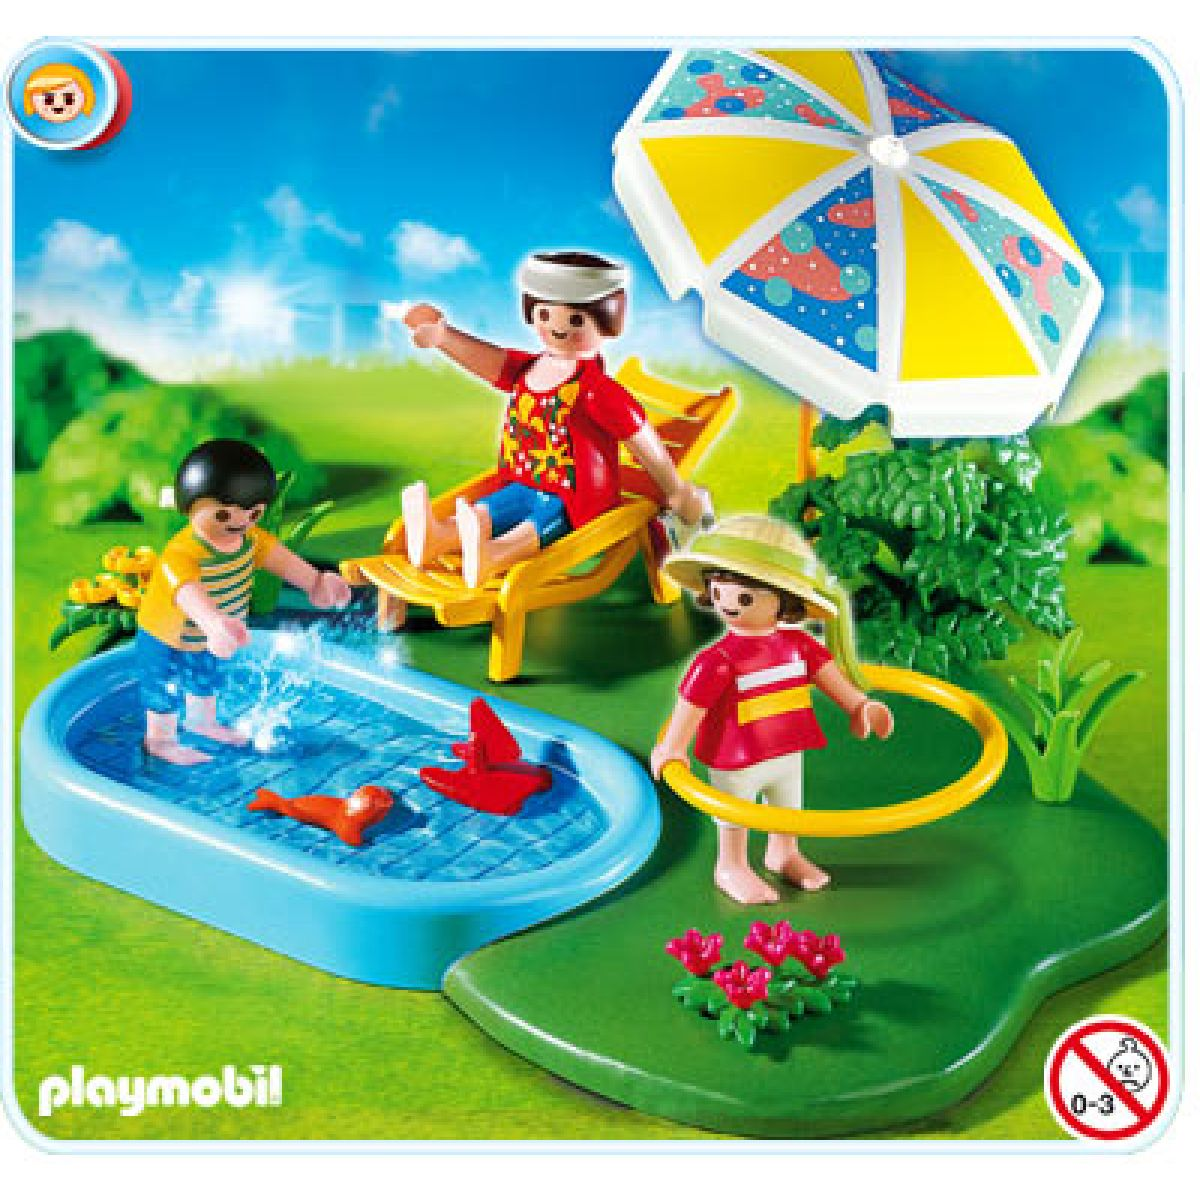 Playmobil 4140 - Zahradní bazén